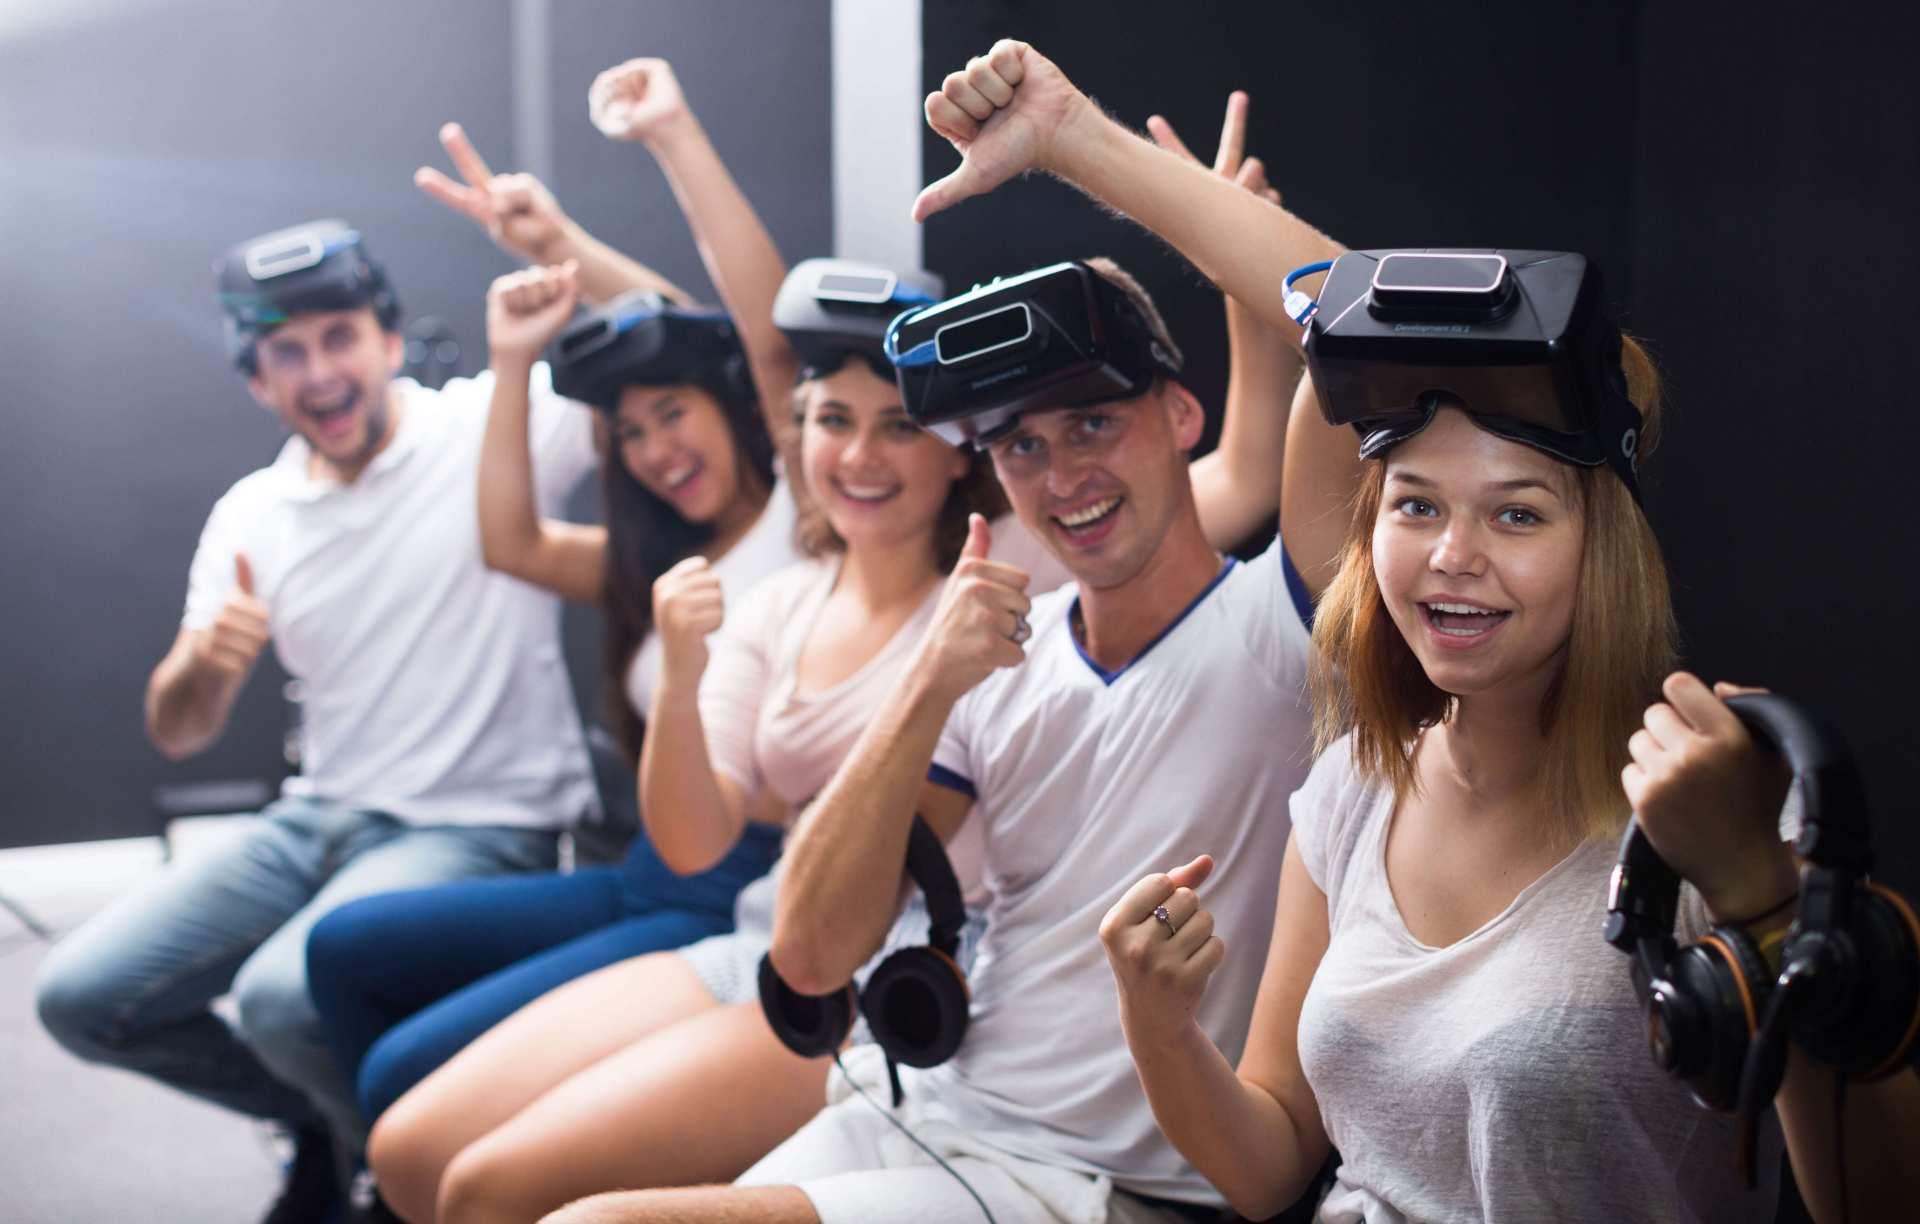 【馬尼拉 VR 體驗】VR Philippines 虛擬實境樂園門票